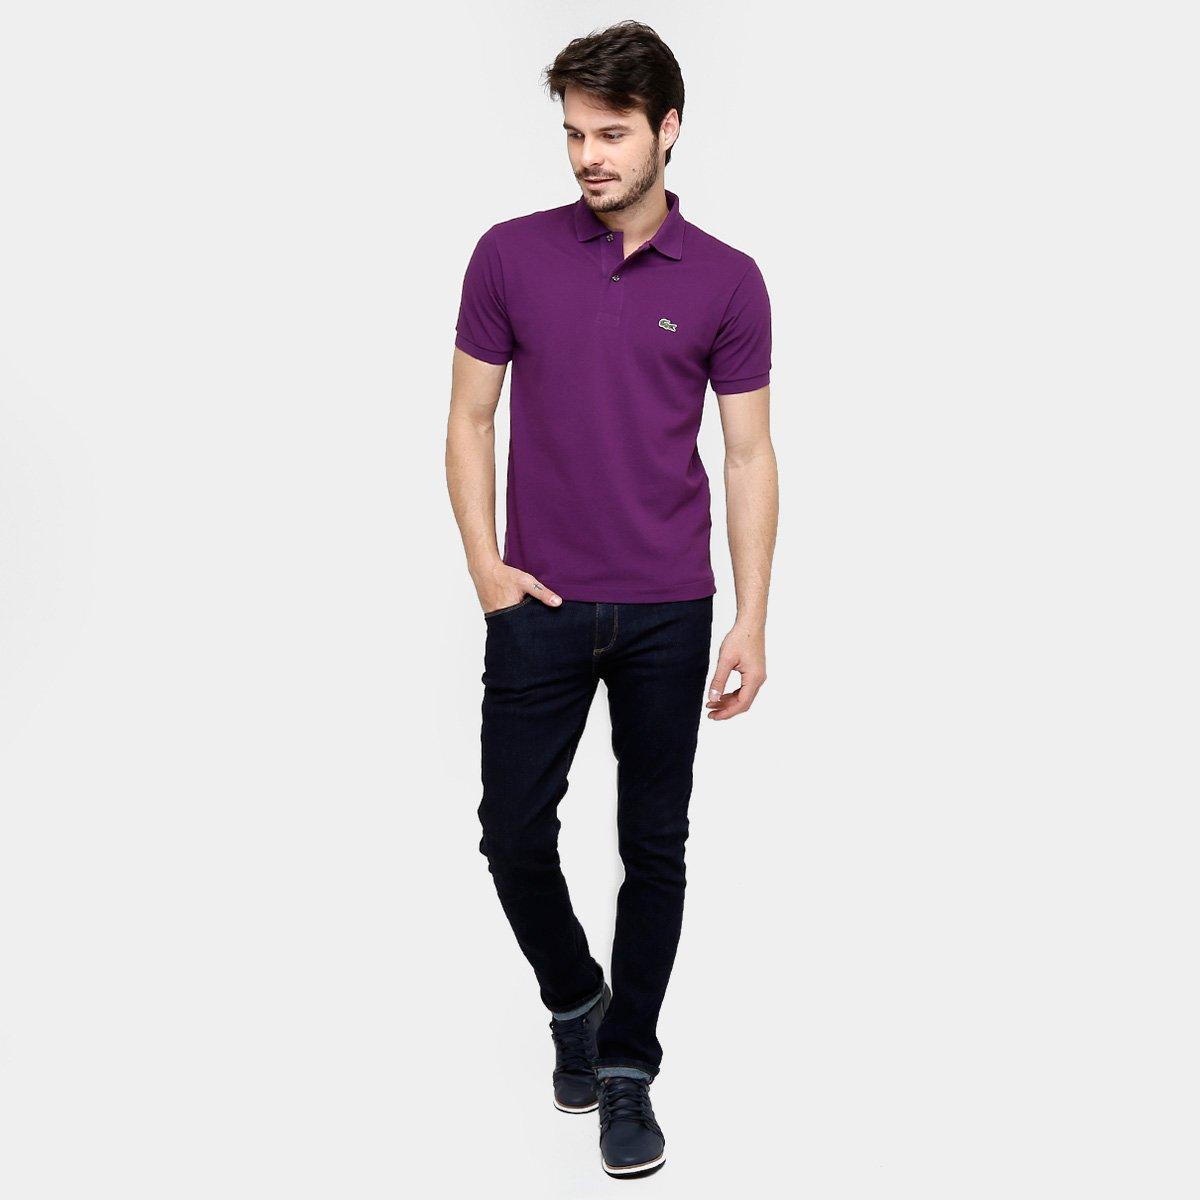 Camisa Polo Lacoste Original Fit Masculina - Roxo e Branco - Compre ... 4abb6ded25fe7